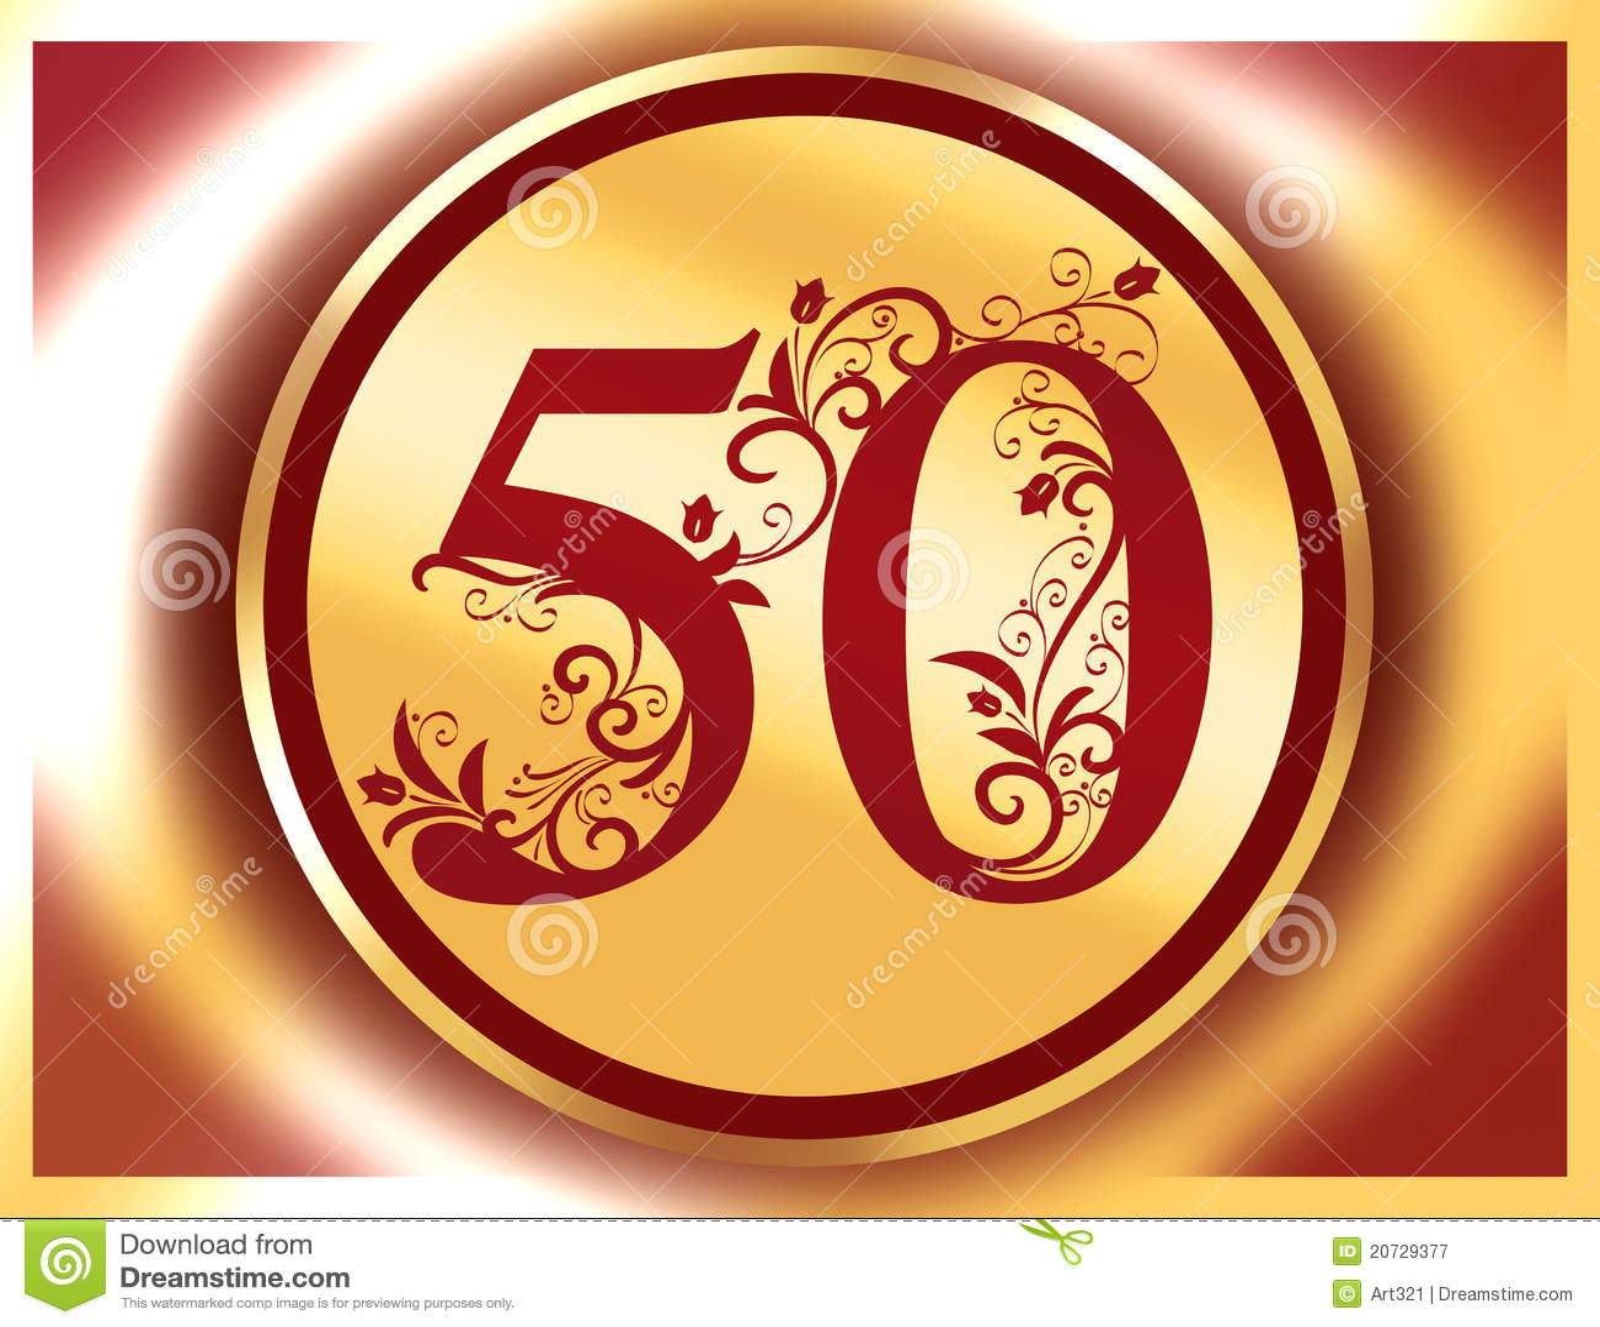 50 Anniversario Giubileo Buon Compleanno Illustrazione Di Stock